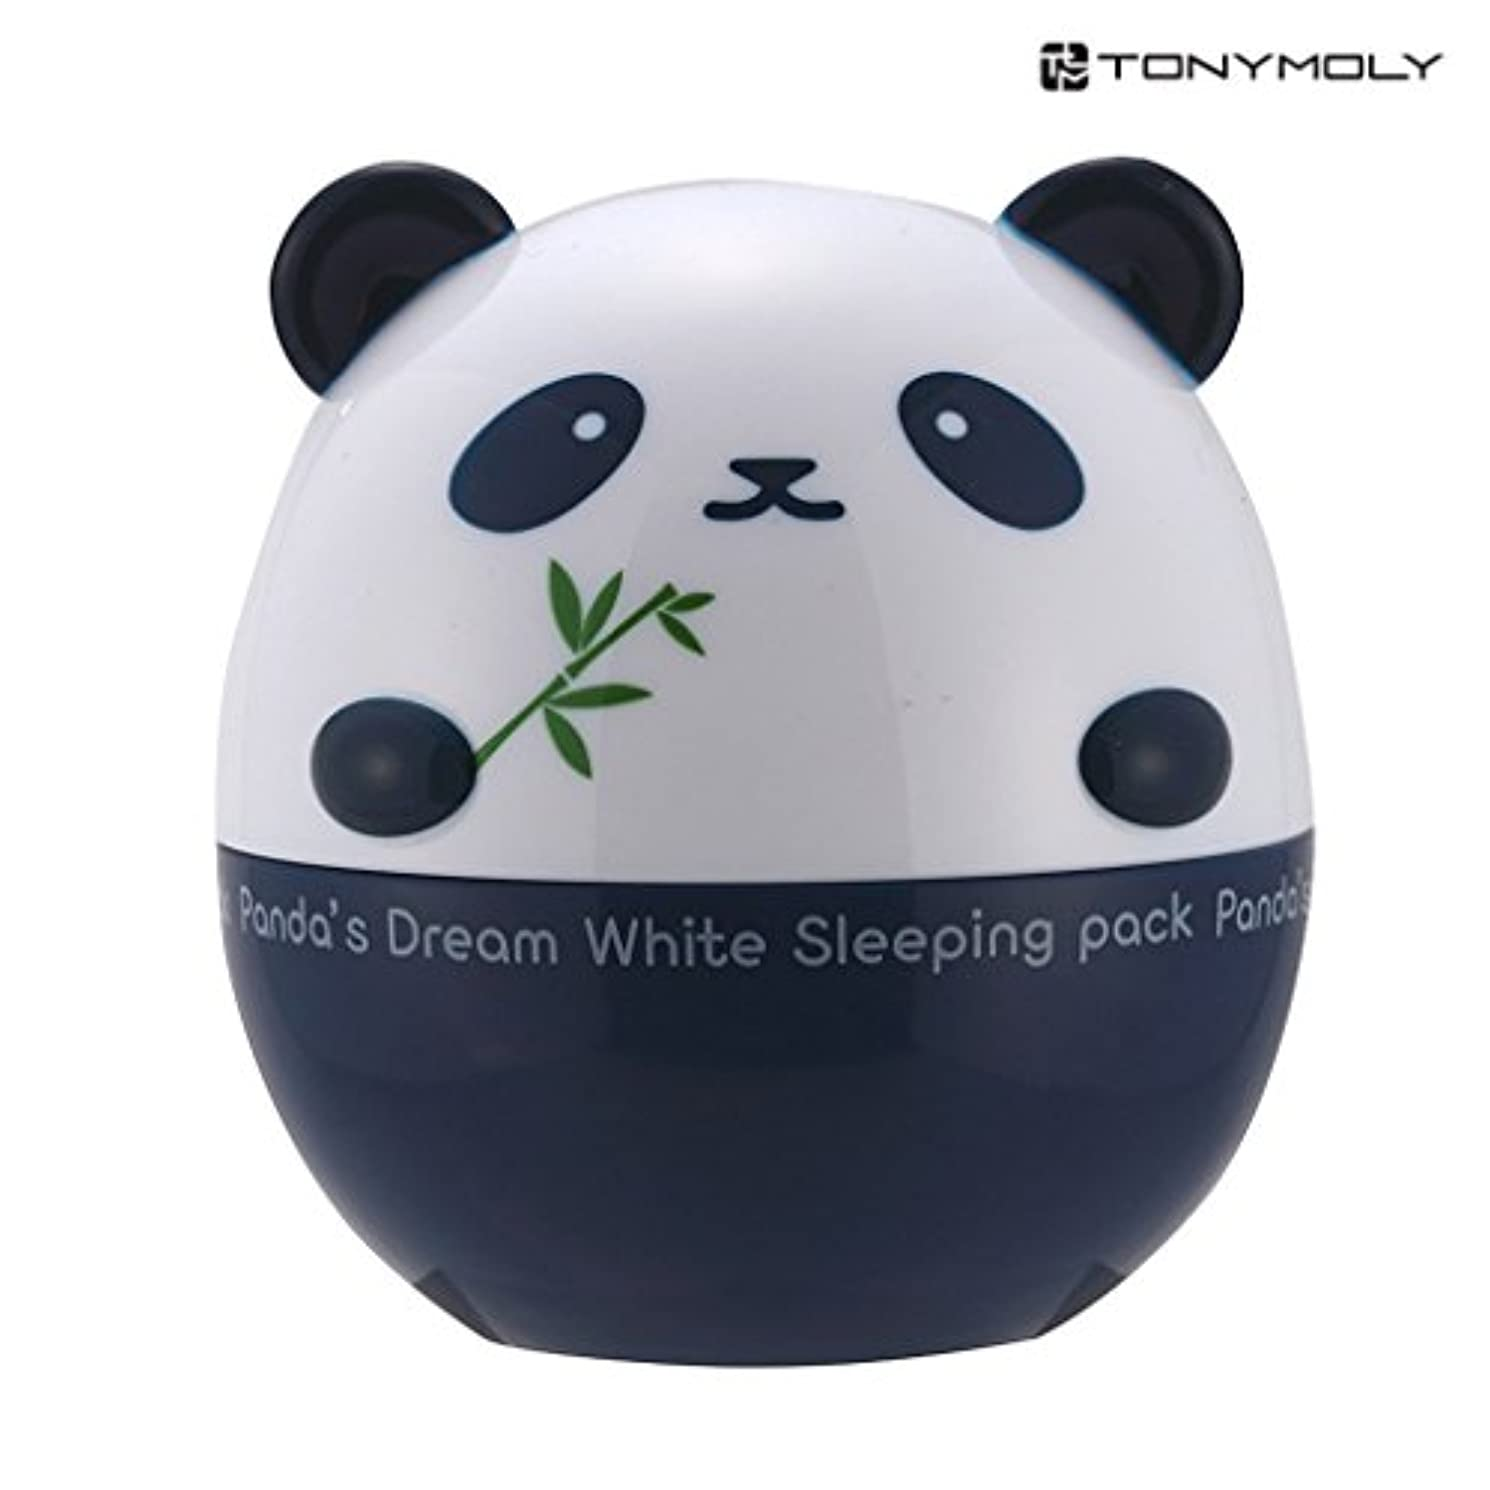 素晴らしい良い多くのシーサイド稚魚TonyMoly トニーモリー パンダズ?ドリーム?ホワイト?スリーピング?パック 50g (Panda`s Dream White Sleeping Pack) 海外直送品